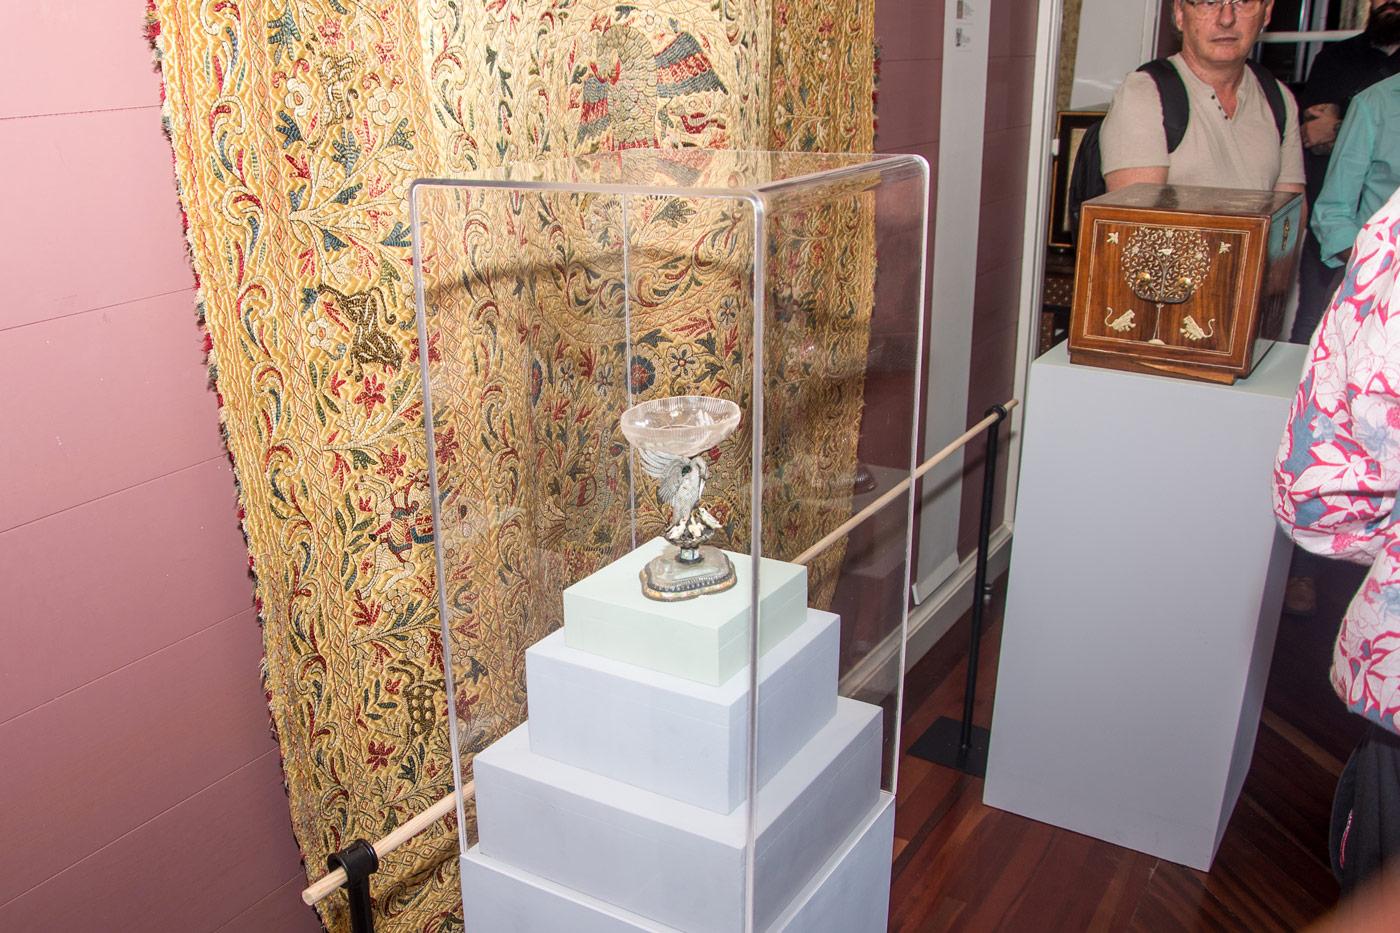 30 ans du MADOI : Un nouveau musée à Saint-Denis. L'art de vivre créole exposé à la Villa des arts décoratifs et du design.